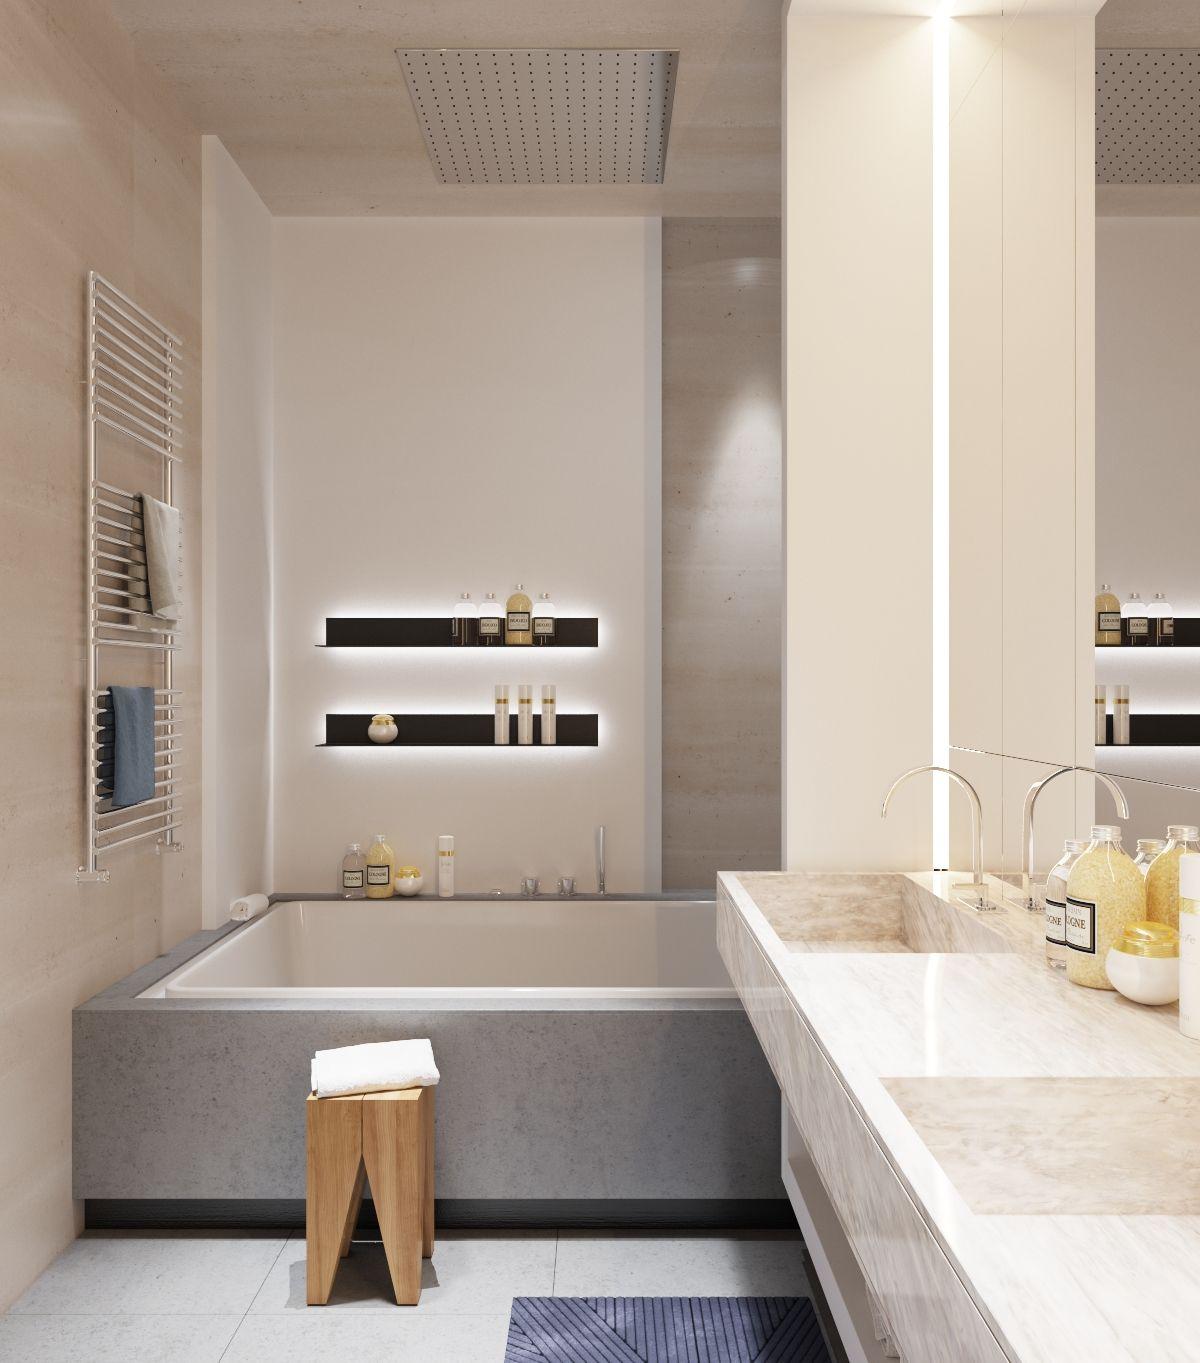 Badezimmer dekor mit fliesen kleine minimalistische badezimmerdesigns die mit der vielzahl der